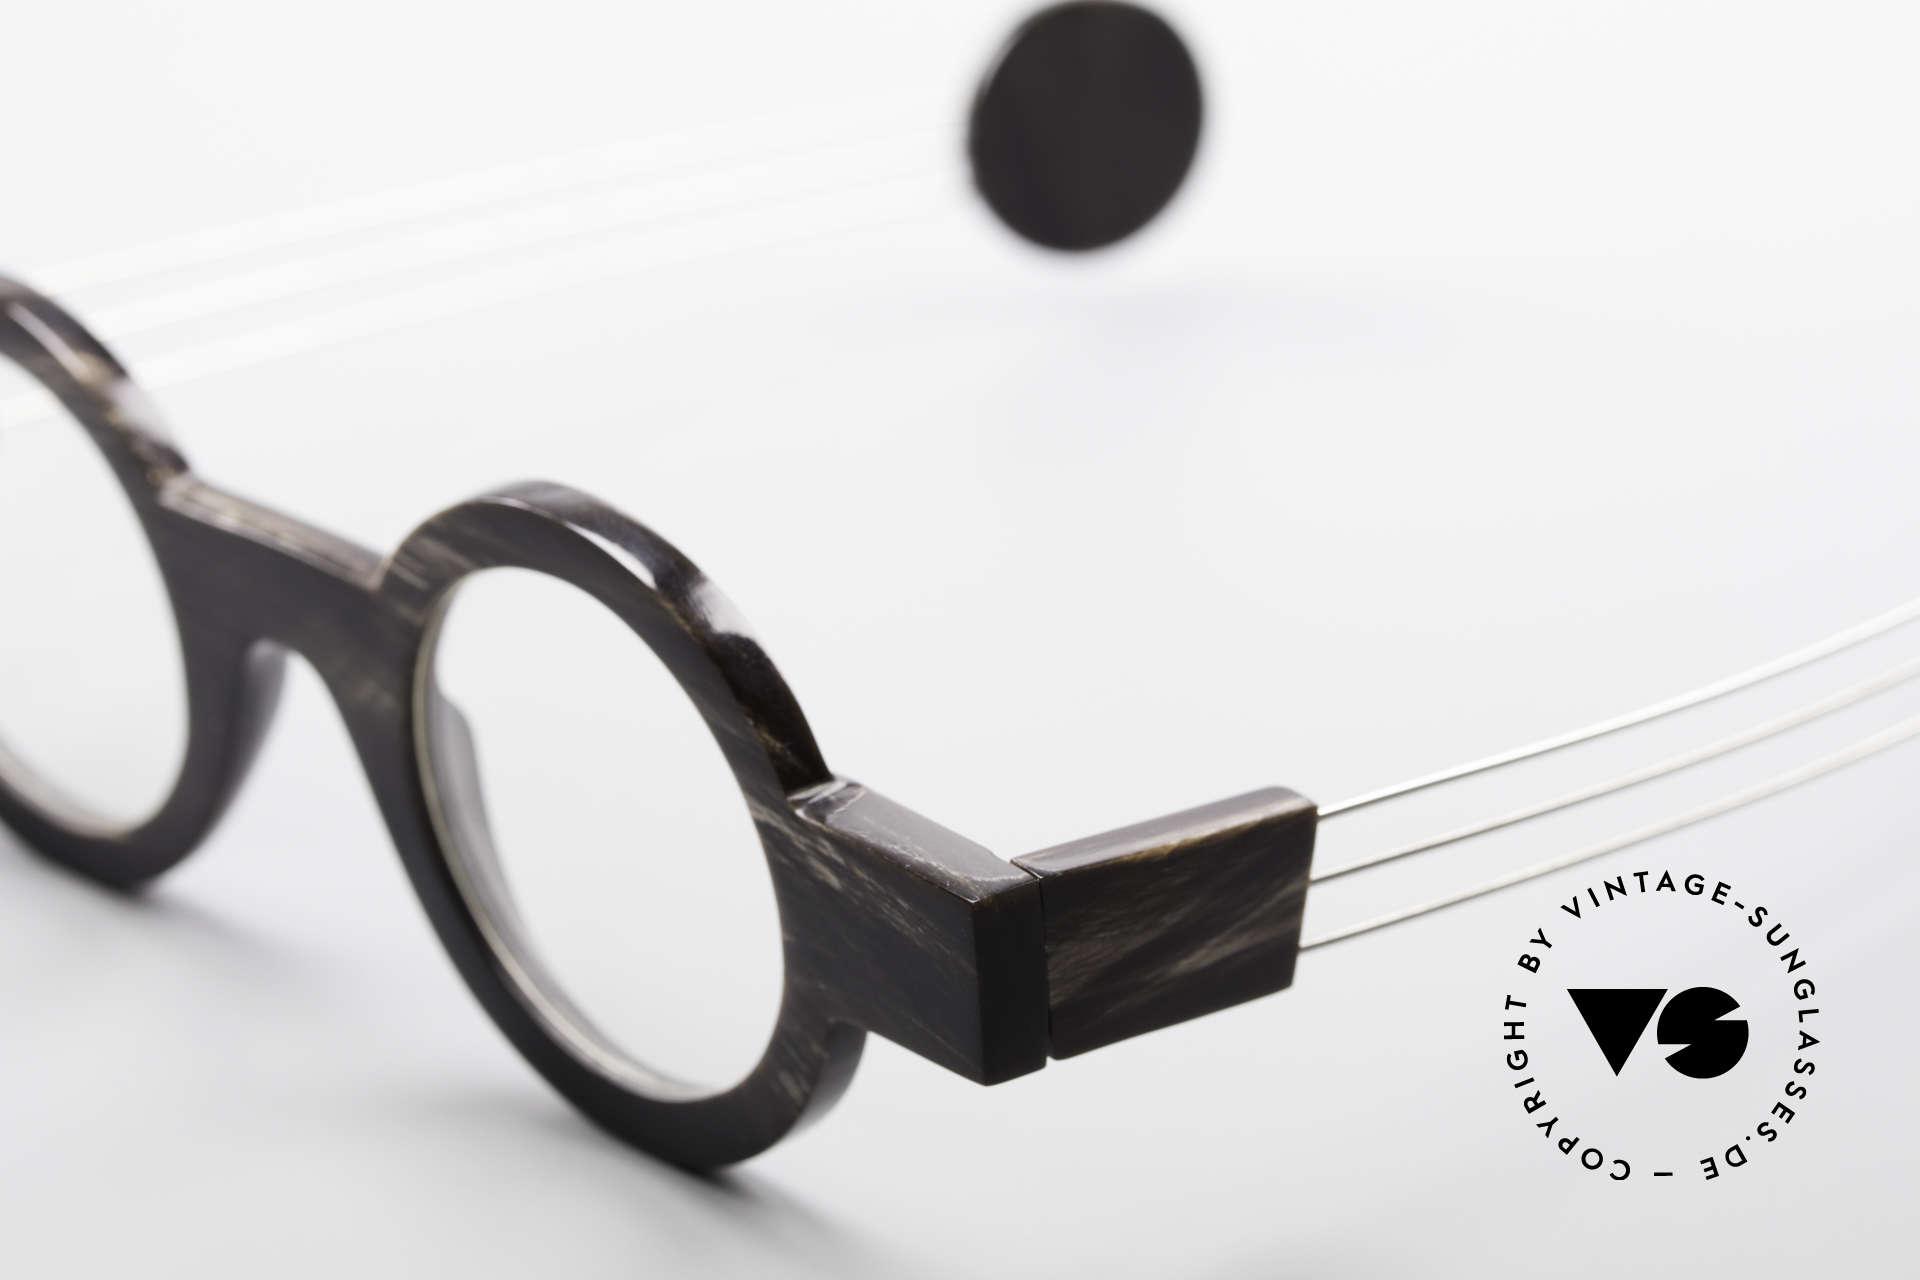 P. Klenk Bold 023 Horn Brille Eindrehbare Bügel, Größe: medium, Passend für Herren und Damen